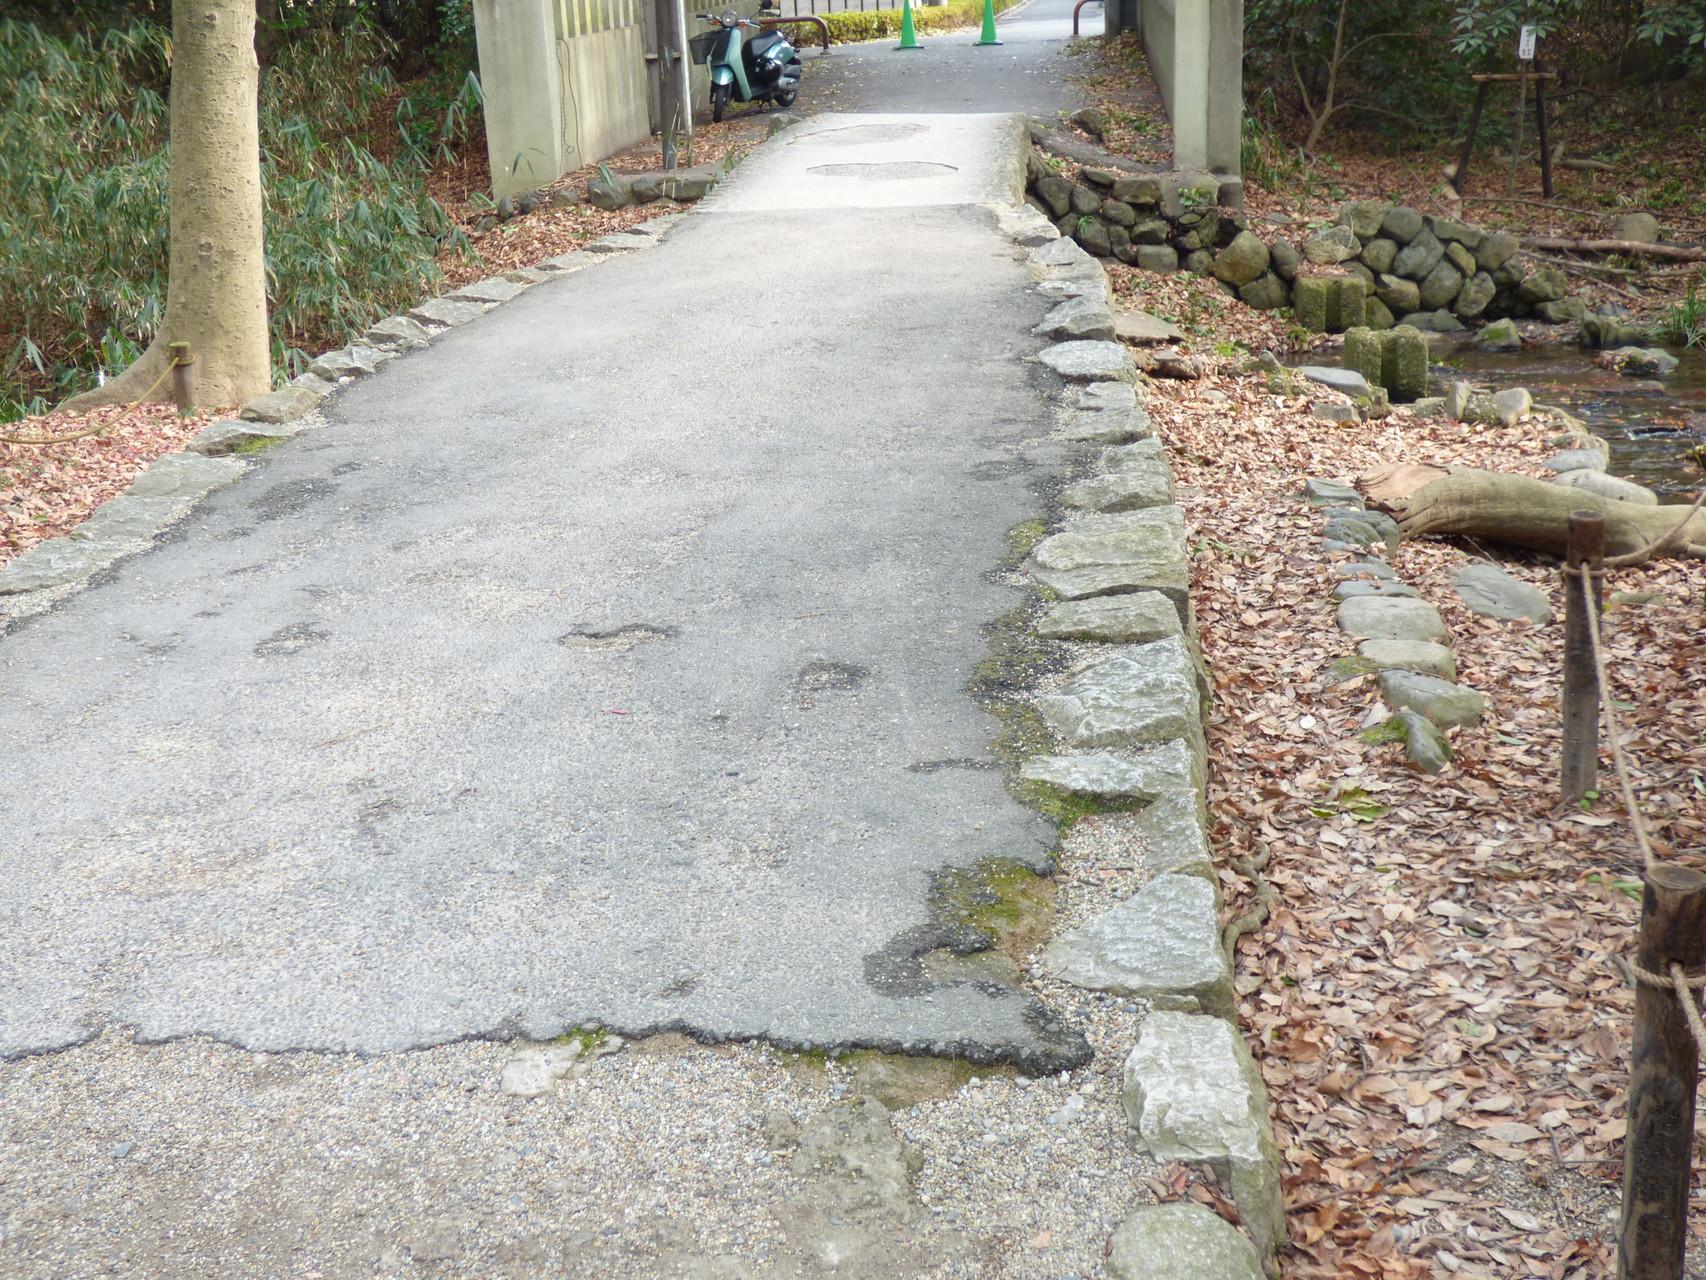 下鴨神社の東のせせらぎにかかる橋をわたると